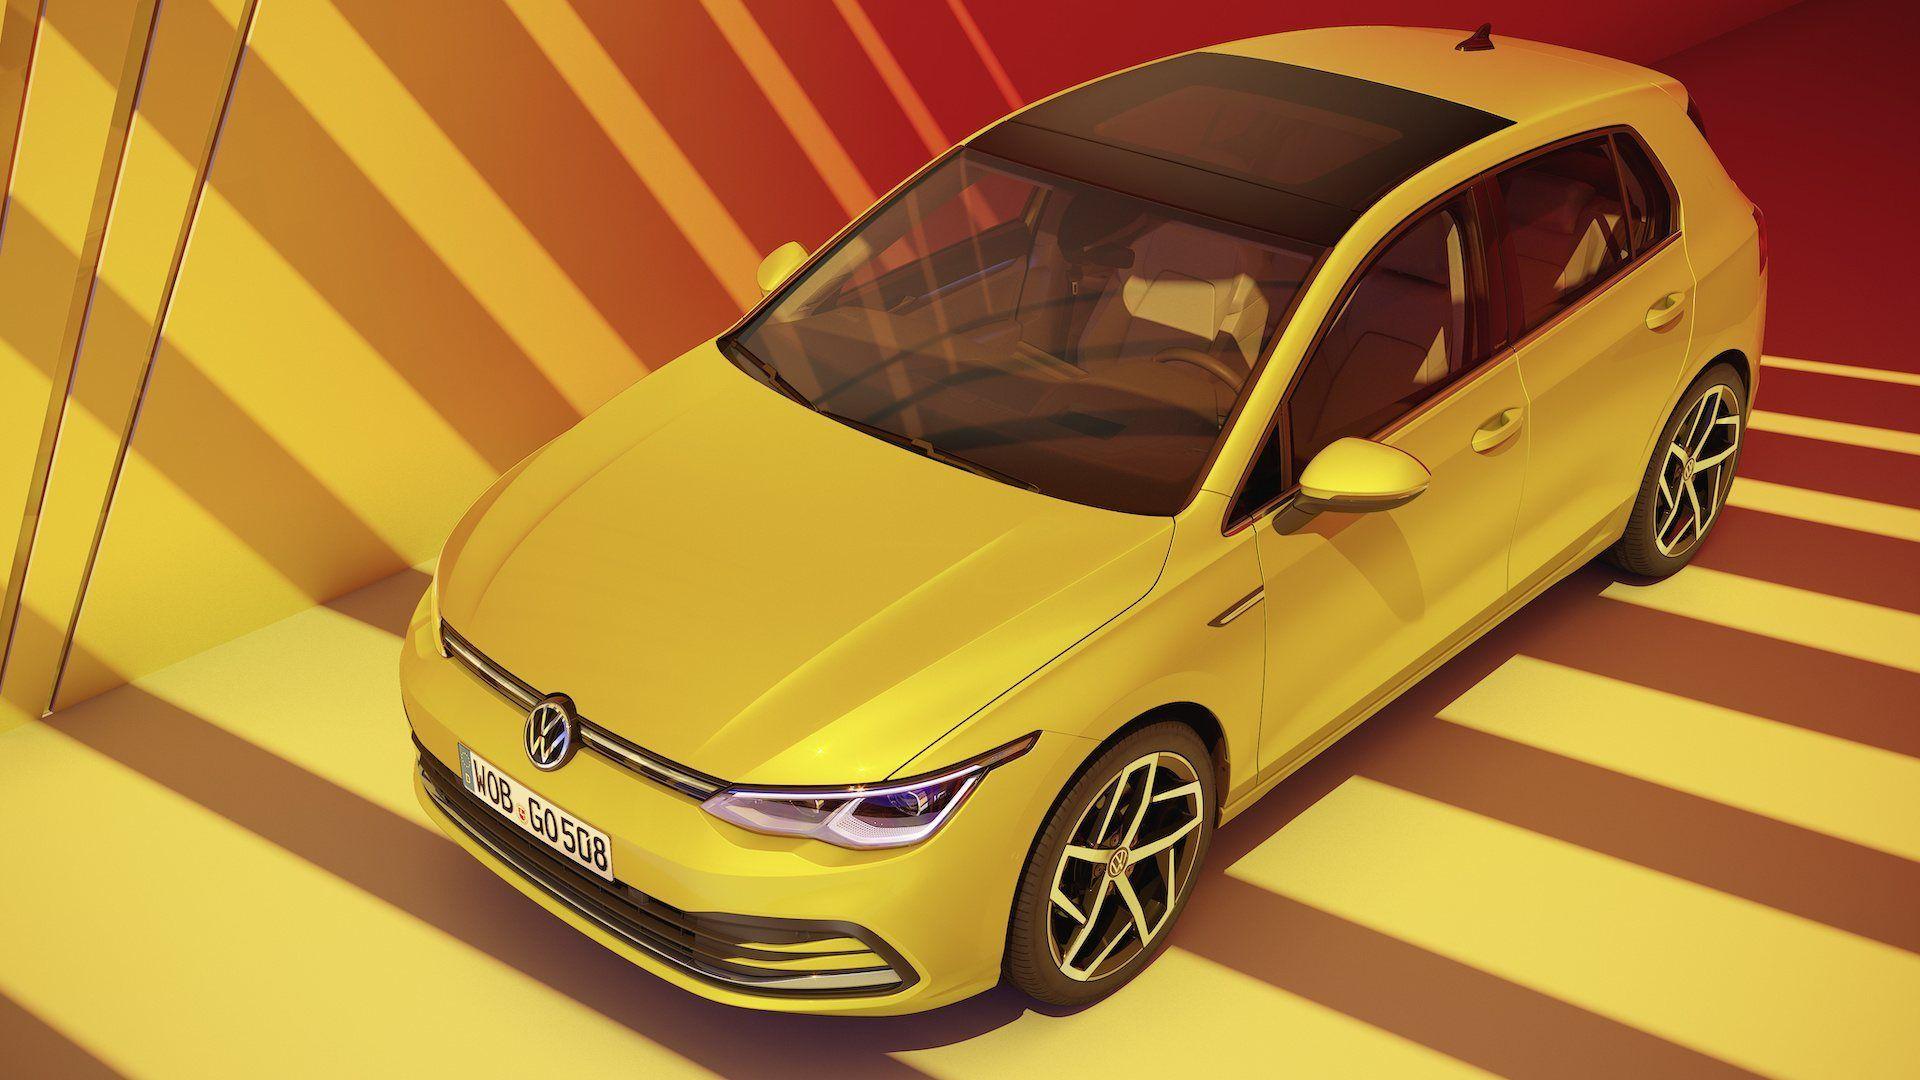 2020 Volkswagen Scirocco Wallpaper In 2020 Volkswagen Golf Volkswagen Volkswagen Scirocco